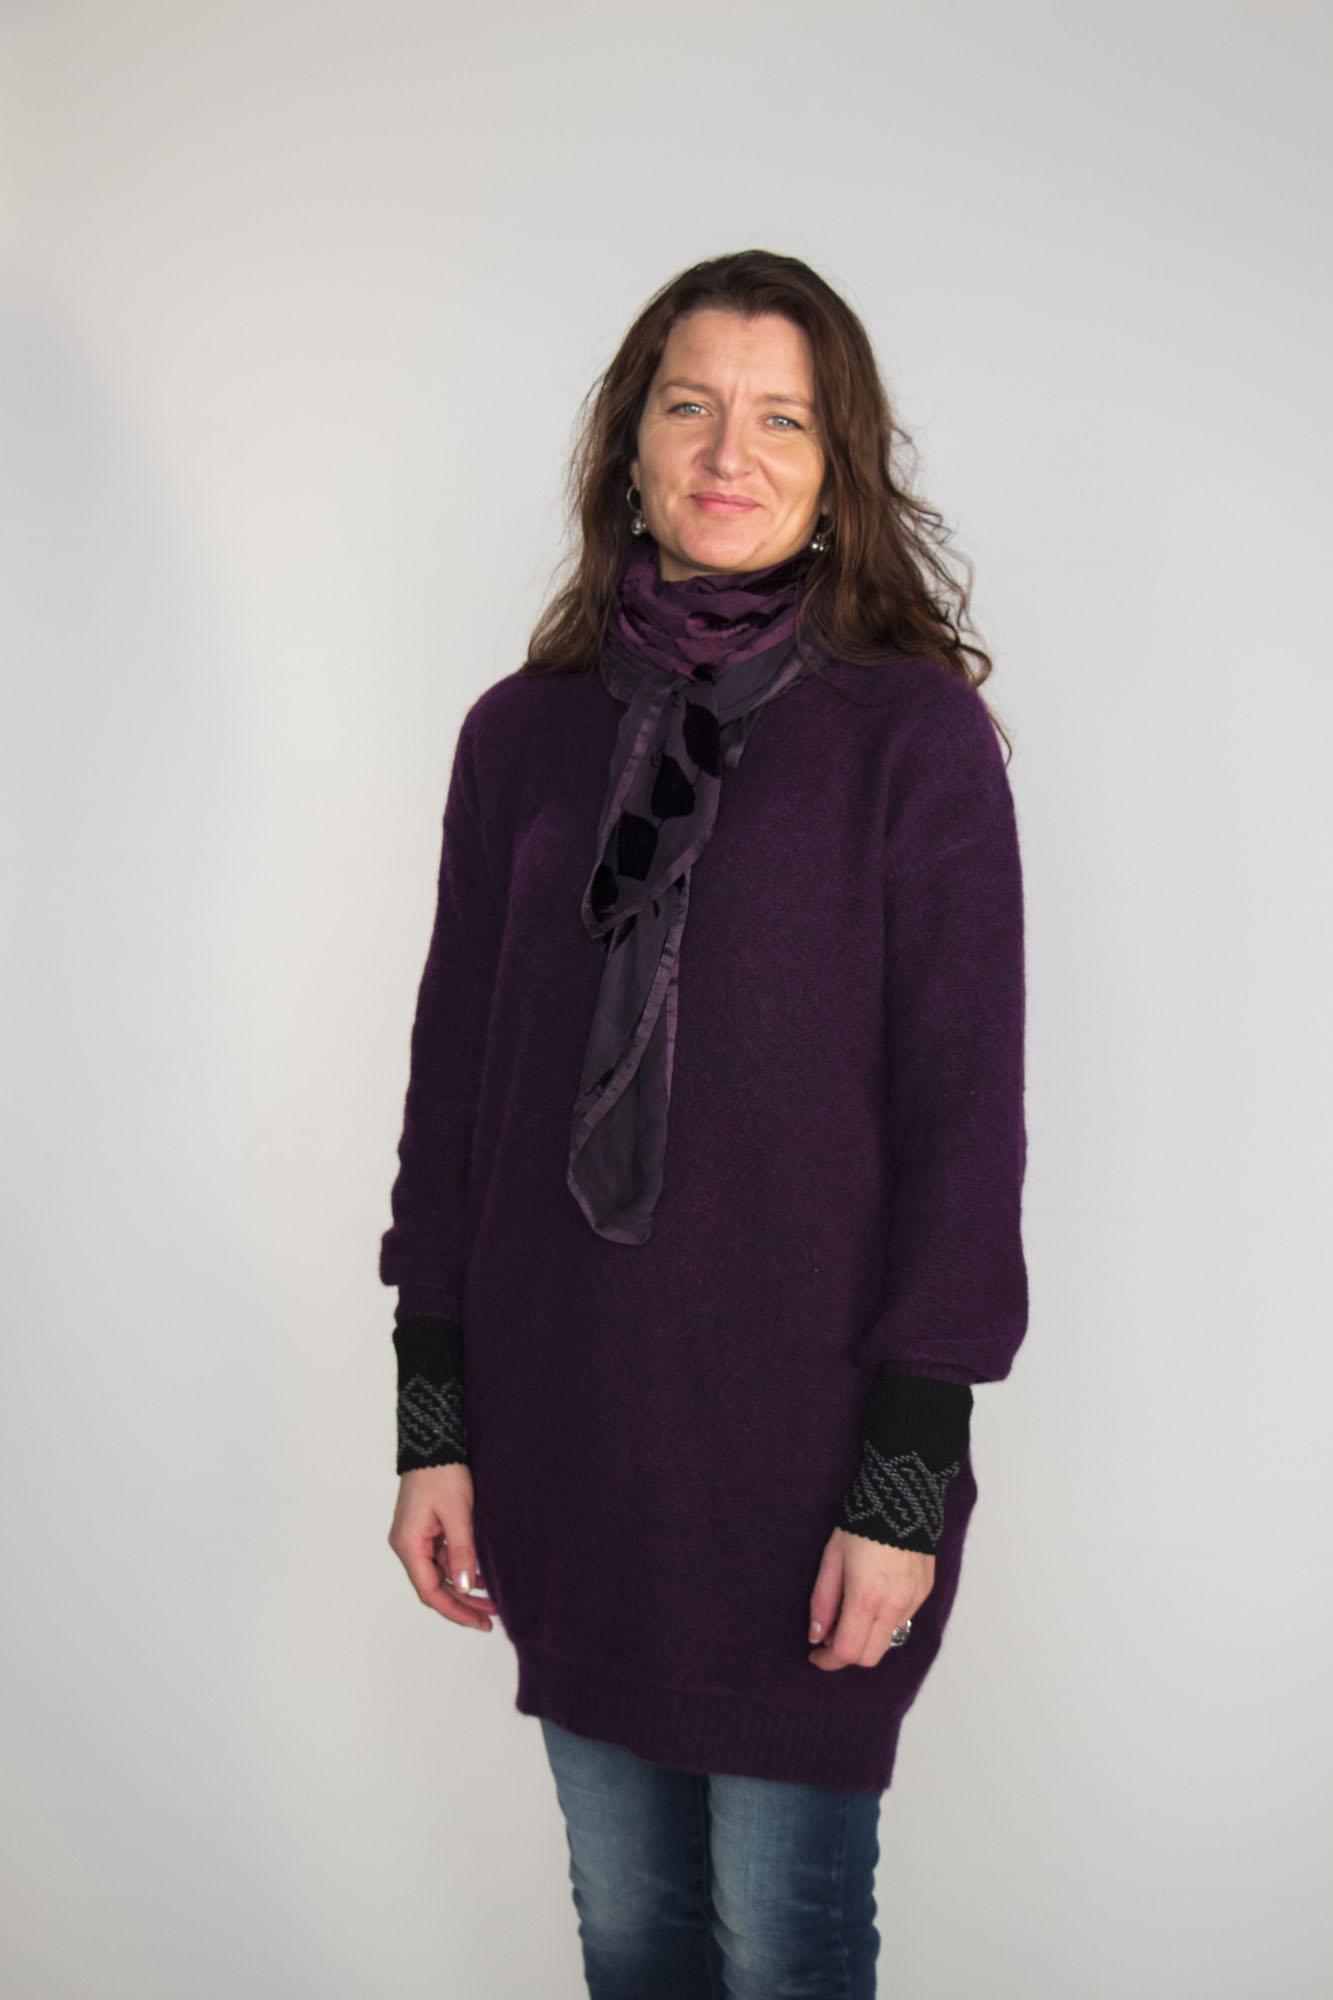 Rektor Anne Sofie Mentzen 2013.jpg